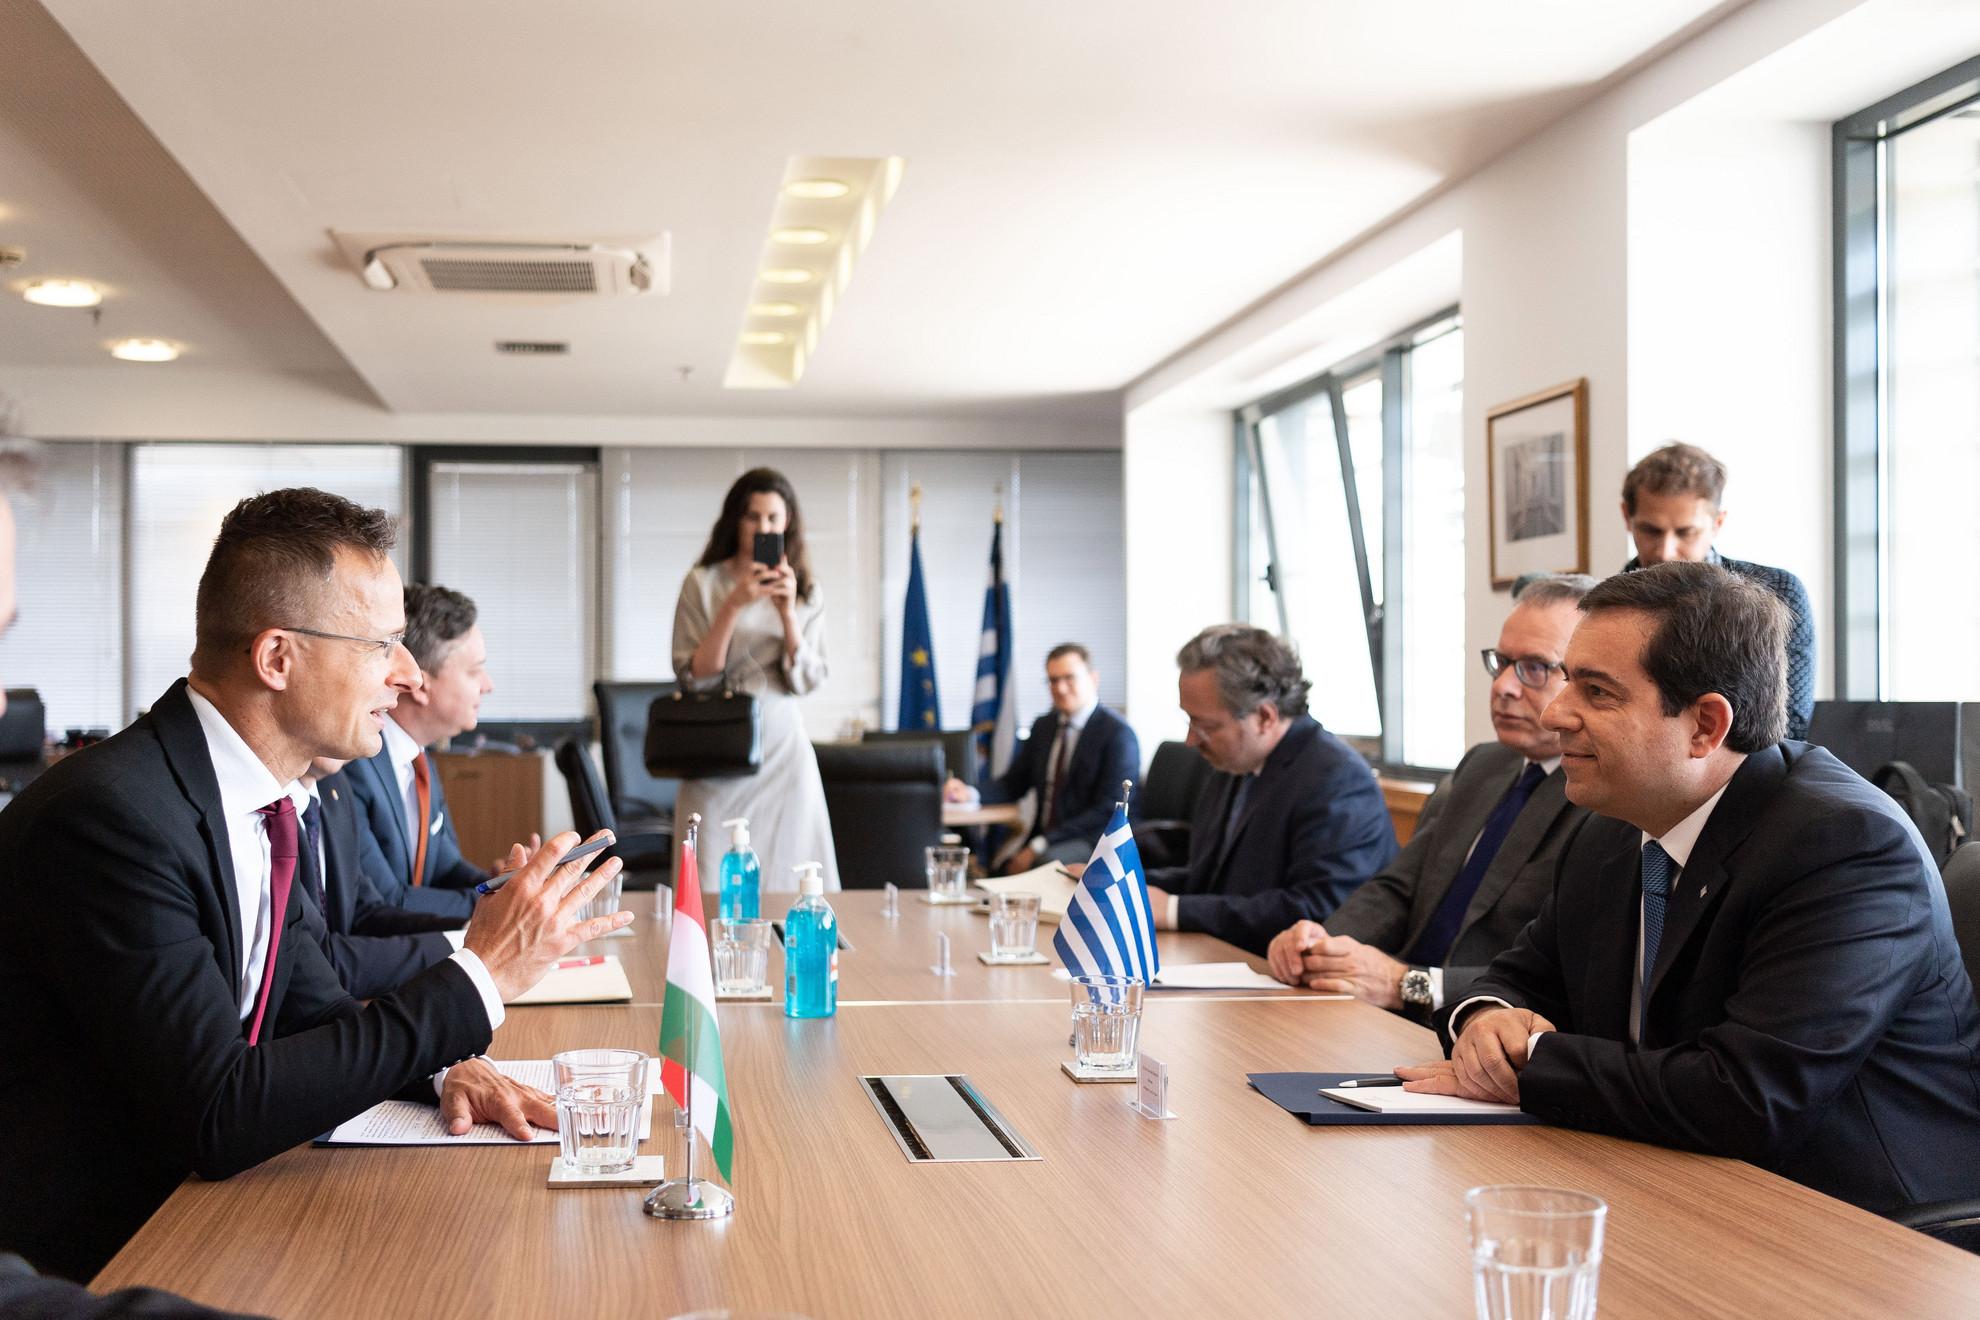 Szijjártó Péter külgazdasági és külügyminiszter (b) megbeszélést folytat Notisz Mitarikisz görög migráció- és menekültügyi miniszterrel a Migráció-és Menekültügyi Minisztériumban, Athénban 2020. július 9-én